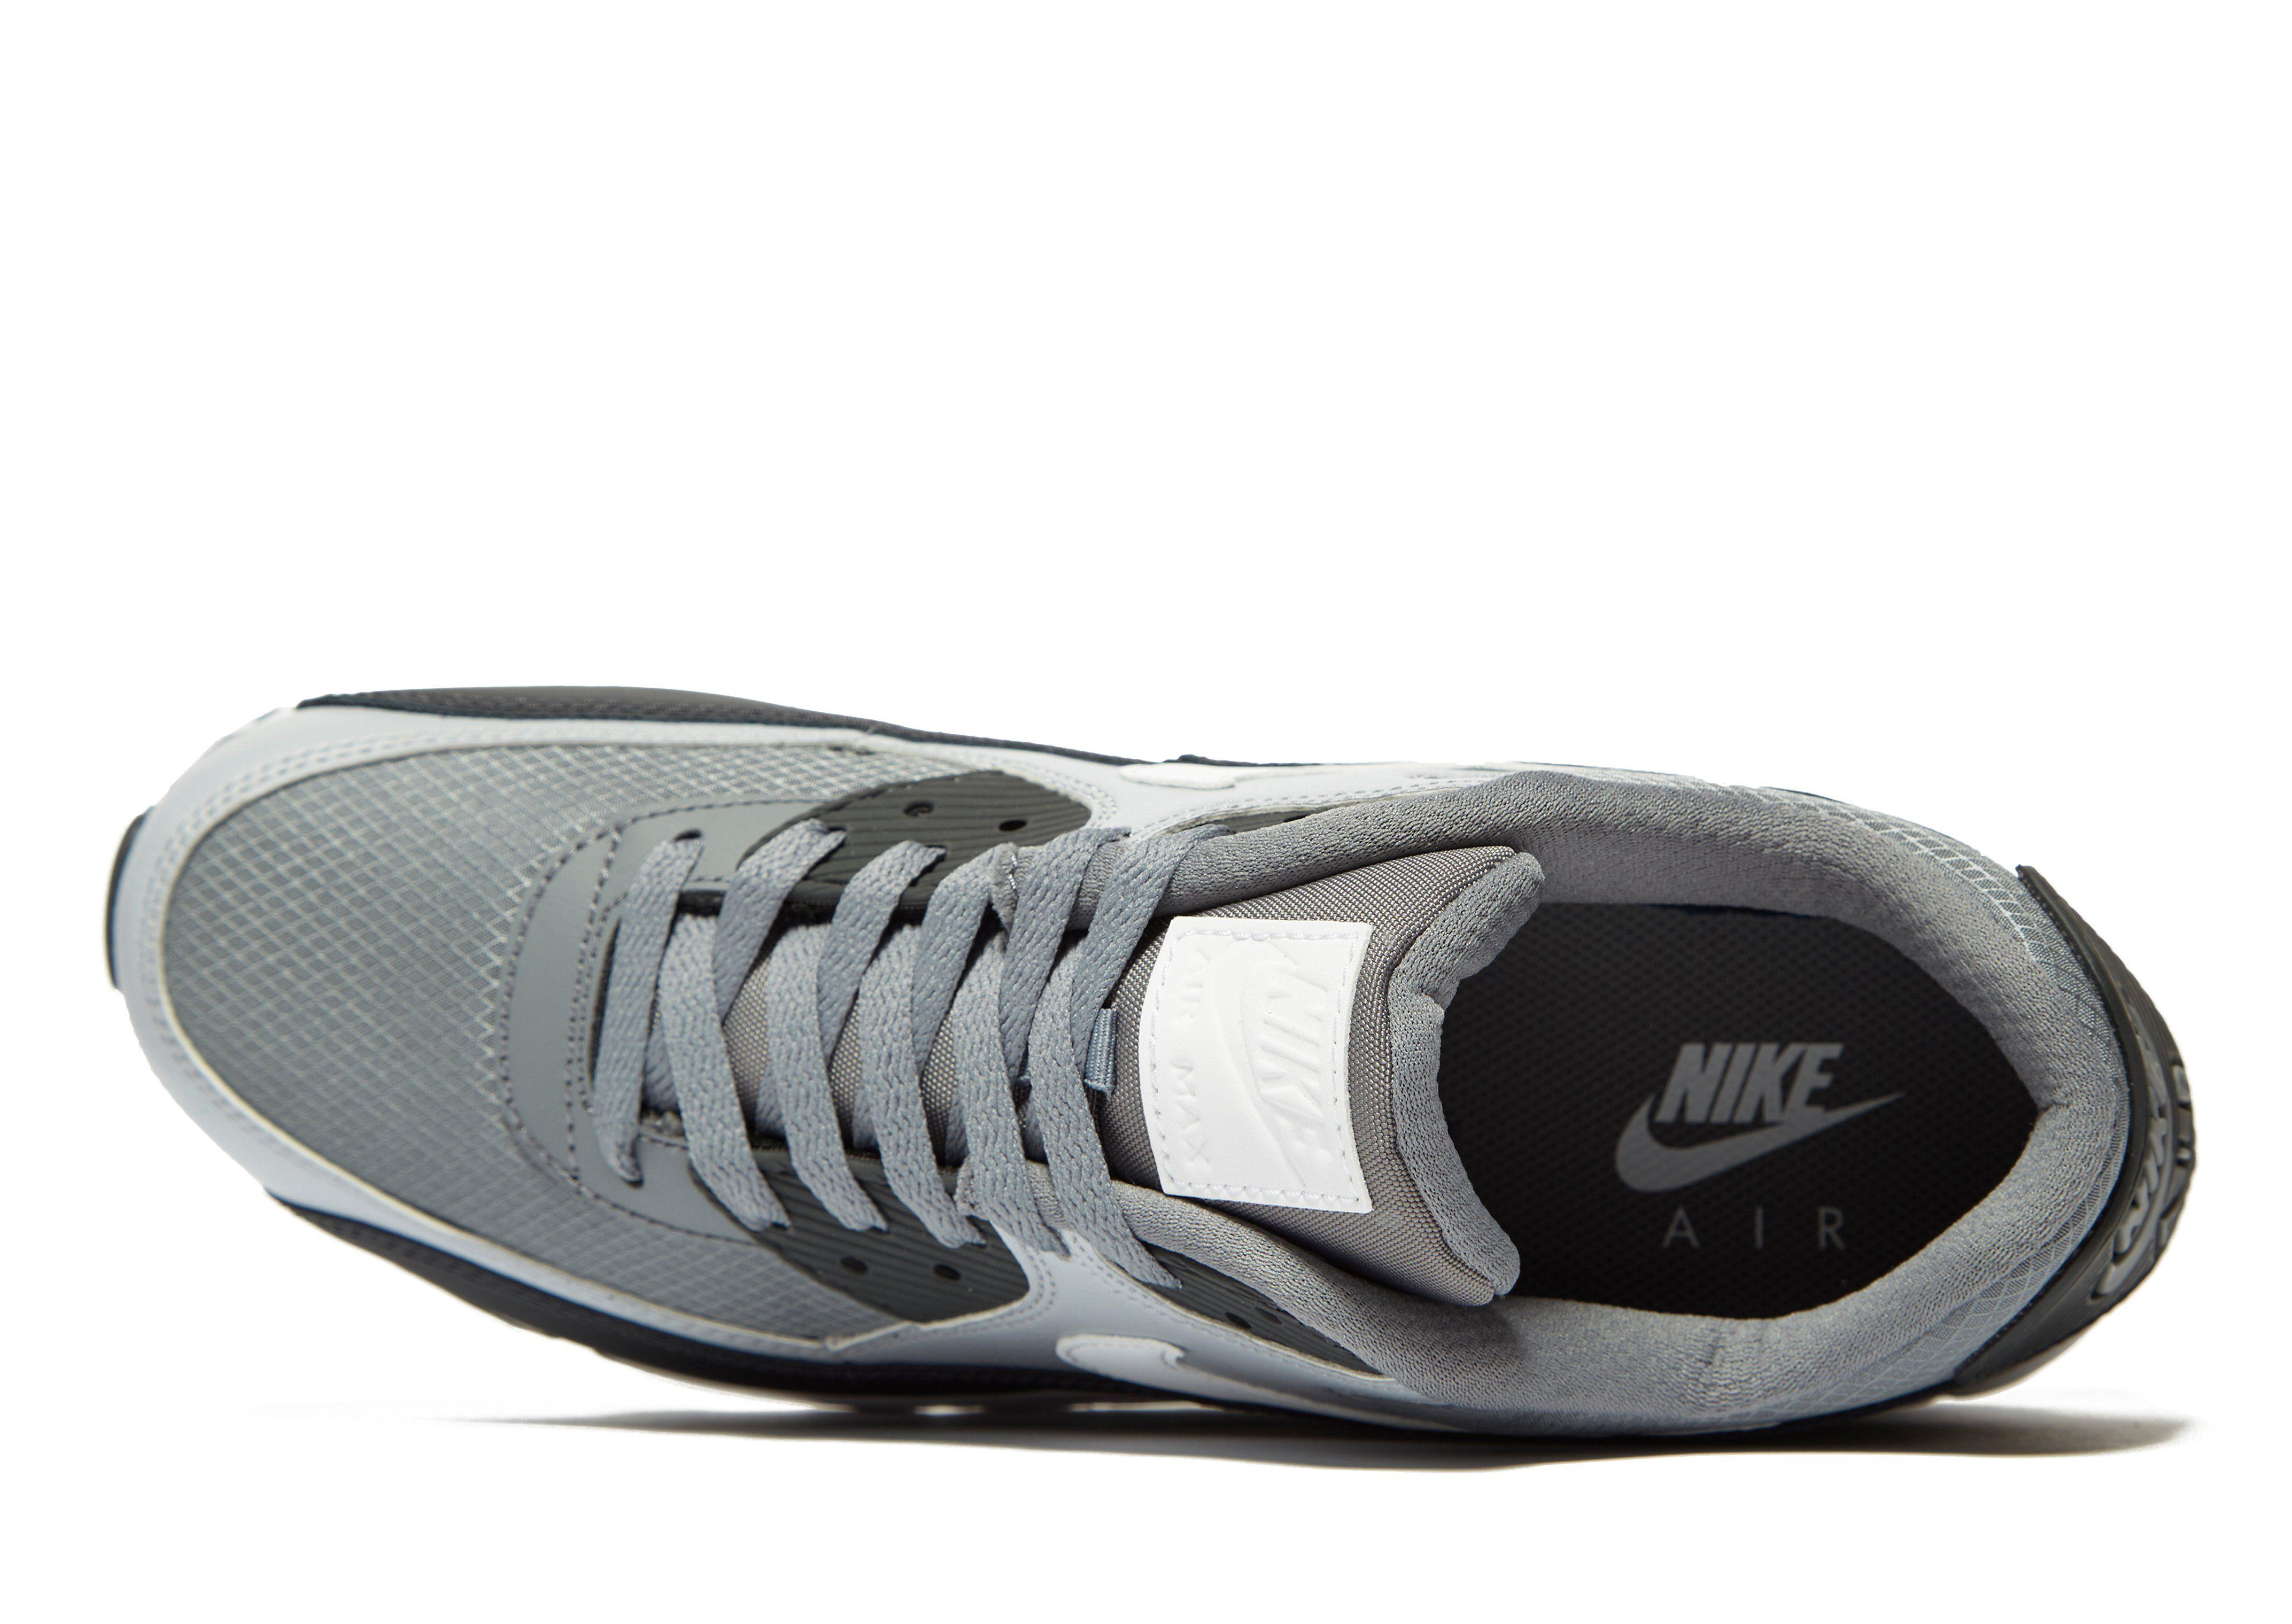 Freies Verschiffen Wahl Nike Air Max 90 Essential Grau Rabatt Geniue Händler Mit Kreditkarte Zu Verkaufen s8MgKZj